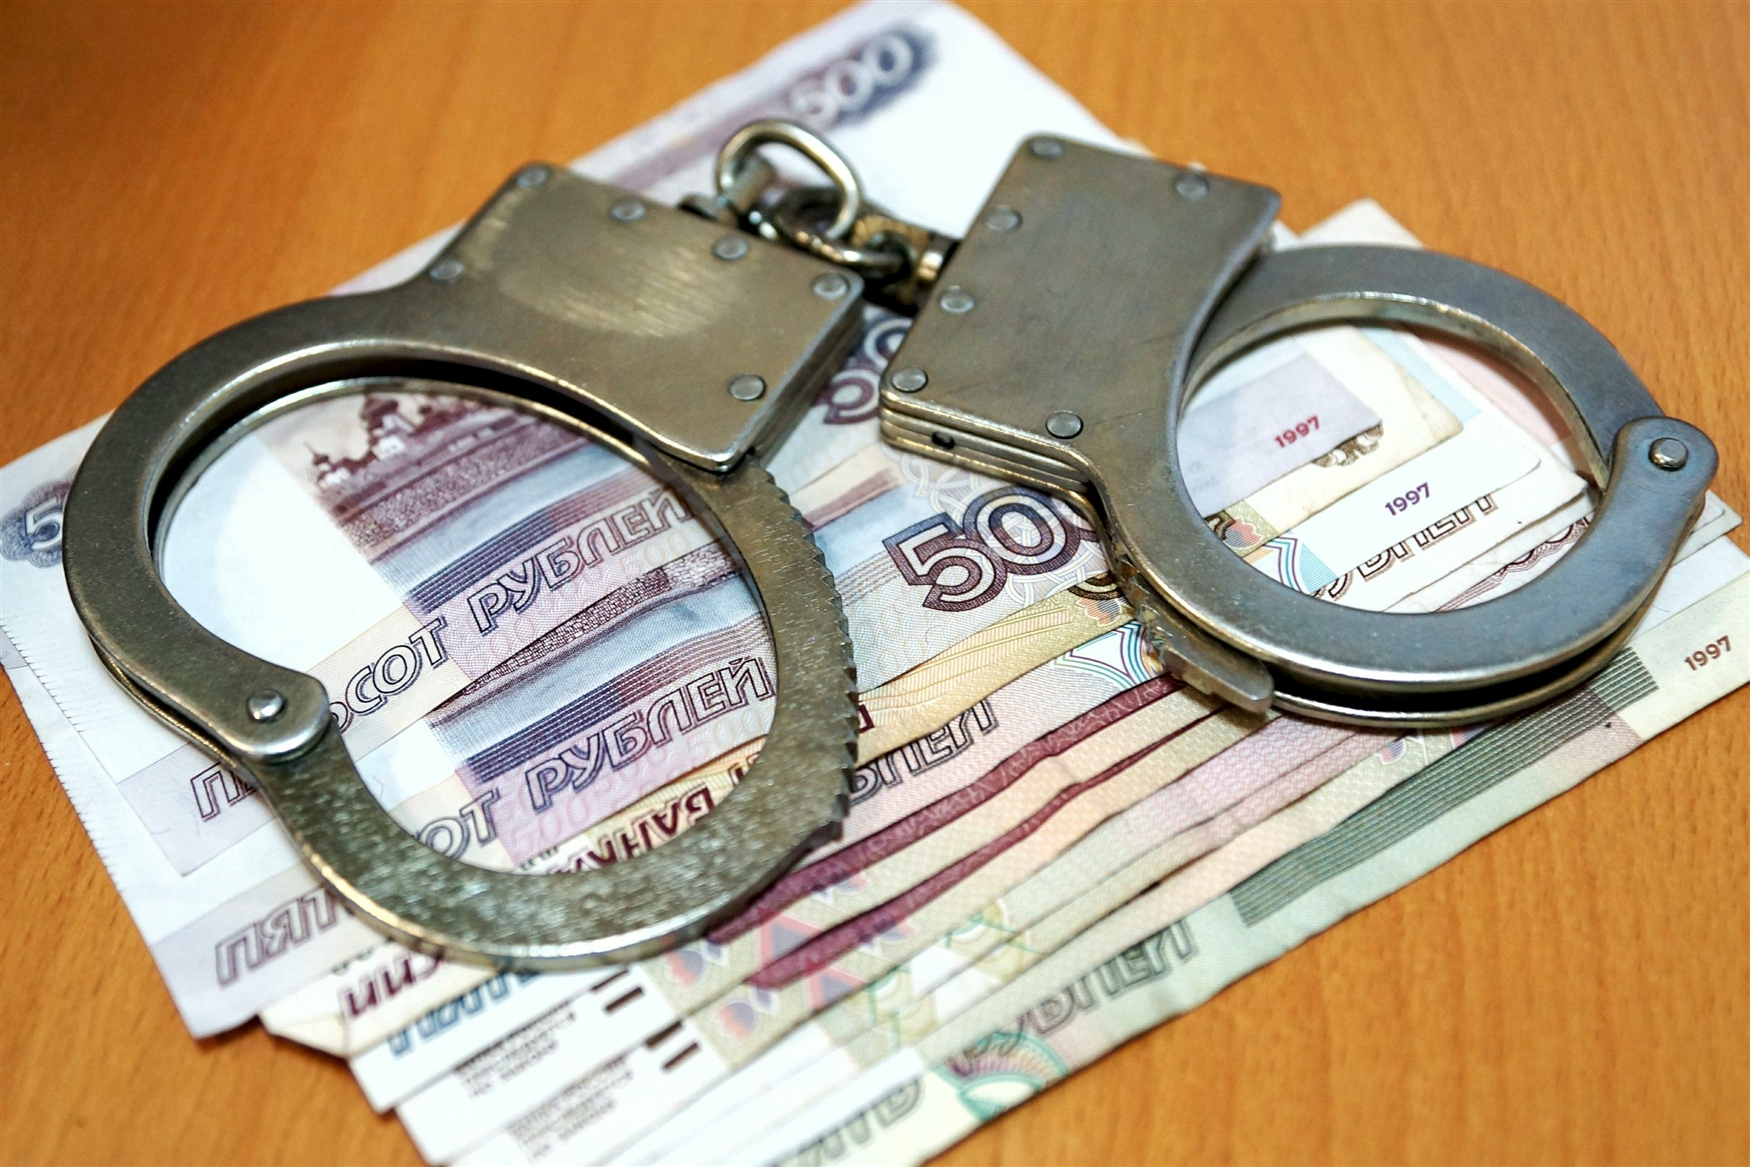 Депутат изИскитима обвиняется вхищении 29 млн руб.